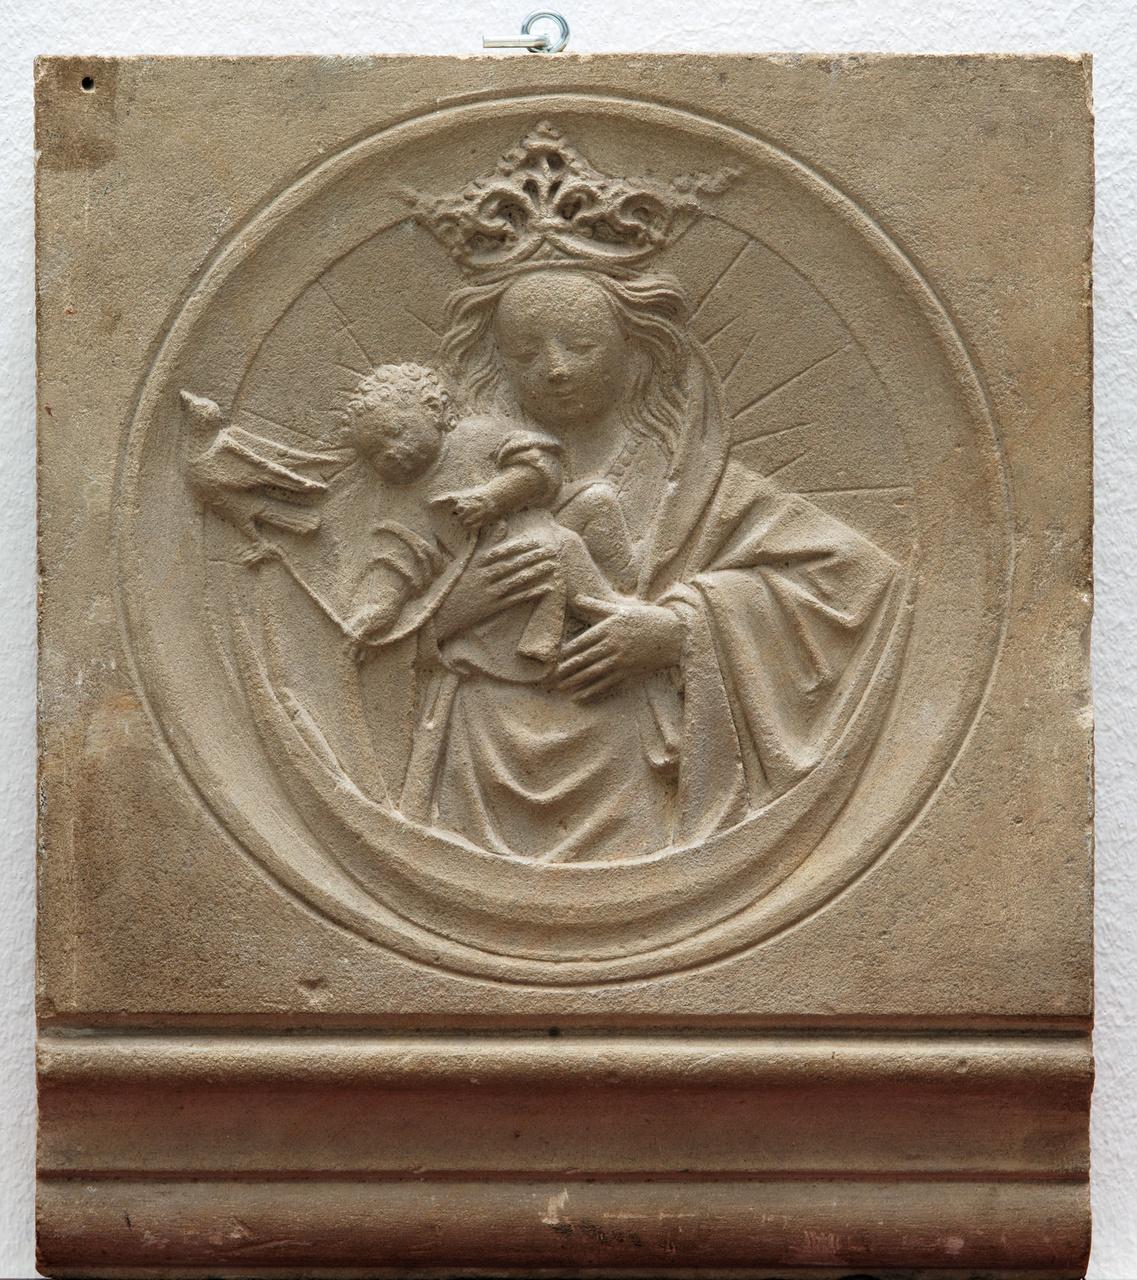 2/5 - Anoniem Utrechts, Fragment van een schoorsteenfries met voorstelling van Maria met Kind, dat speelt met een vogel, 1475-1500